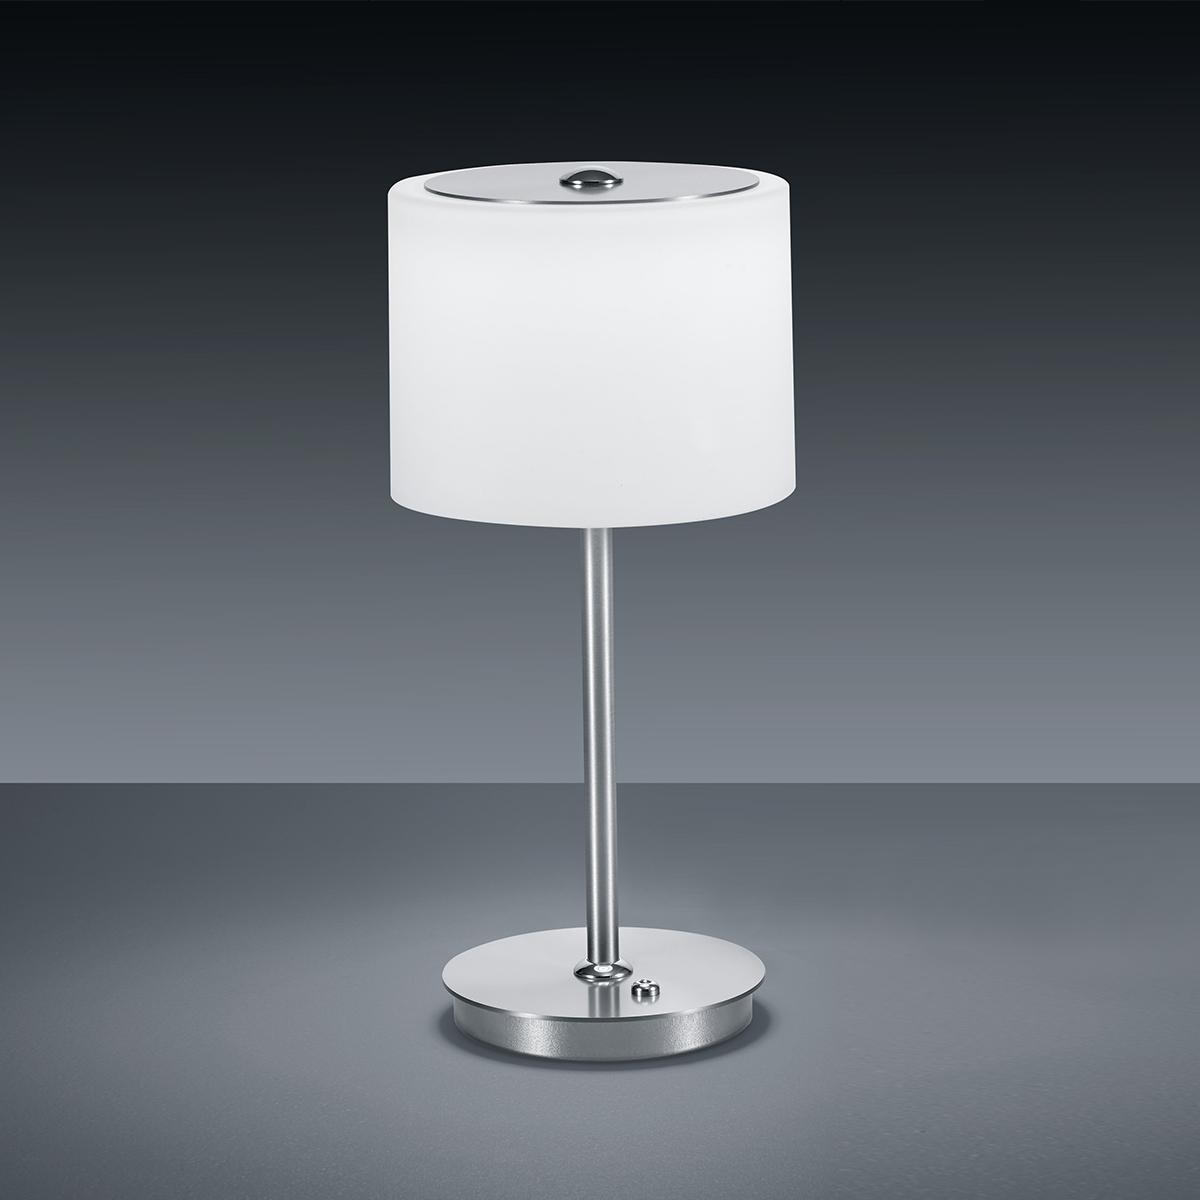 Tischleuchten von BANKAMP Leuchtenmanufaktur LED-Tischleuchte Grazia 5997/1-92